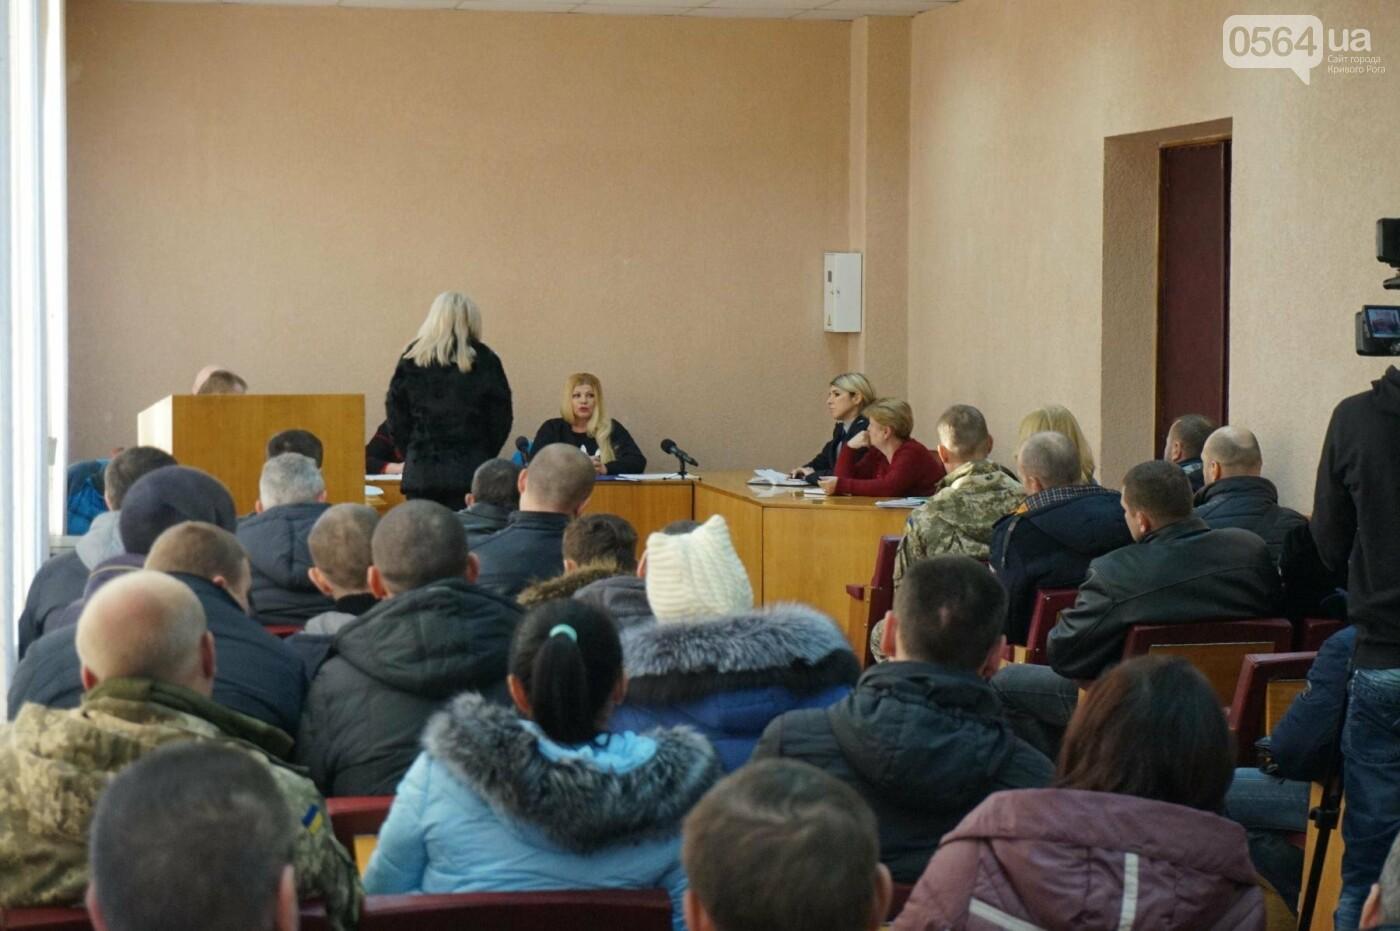 В Кривом Роге 52 бойца АТО получили землю под строительство жилья (ФОТО), фото-1